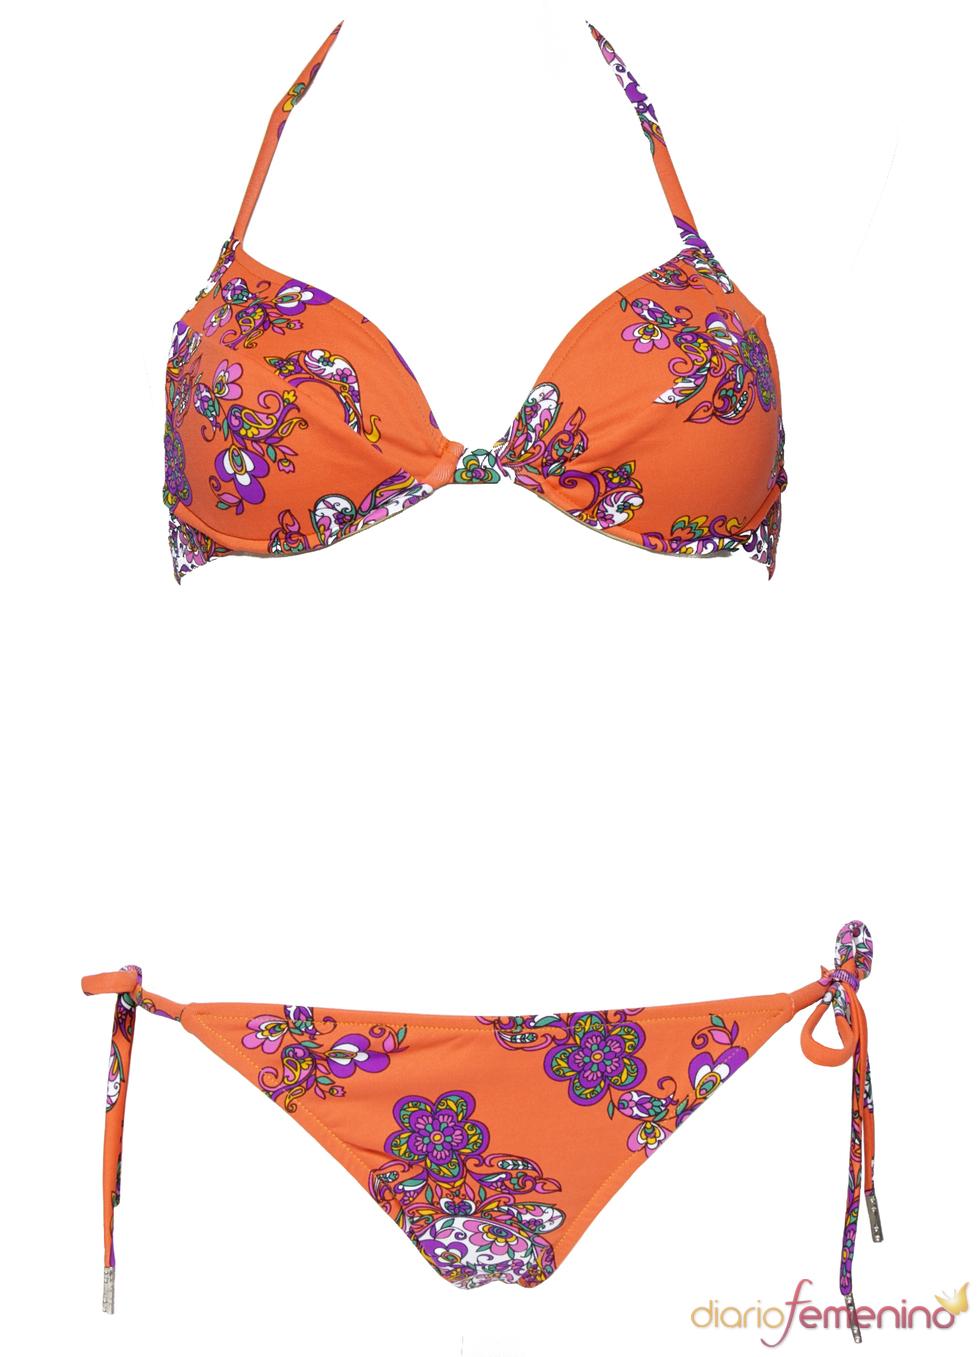 Regala un bikini en el Día de la Madre